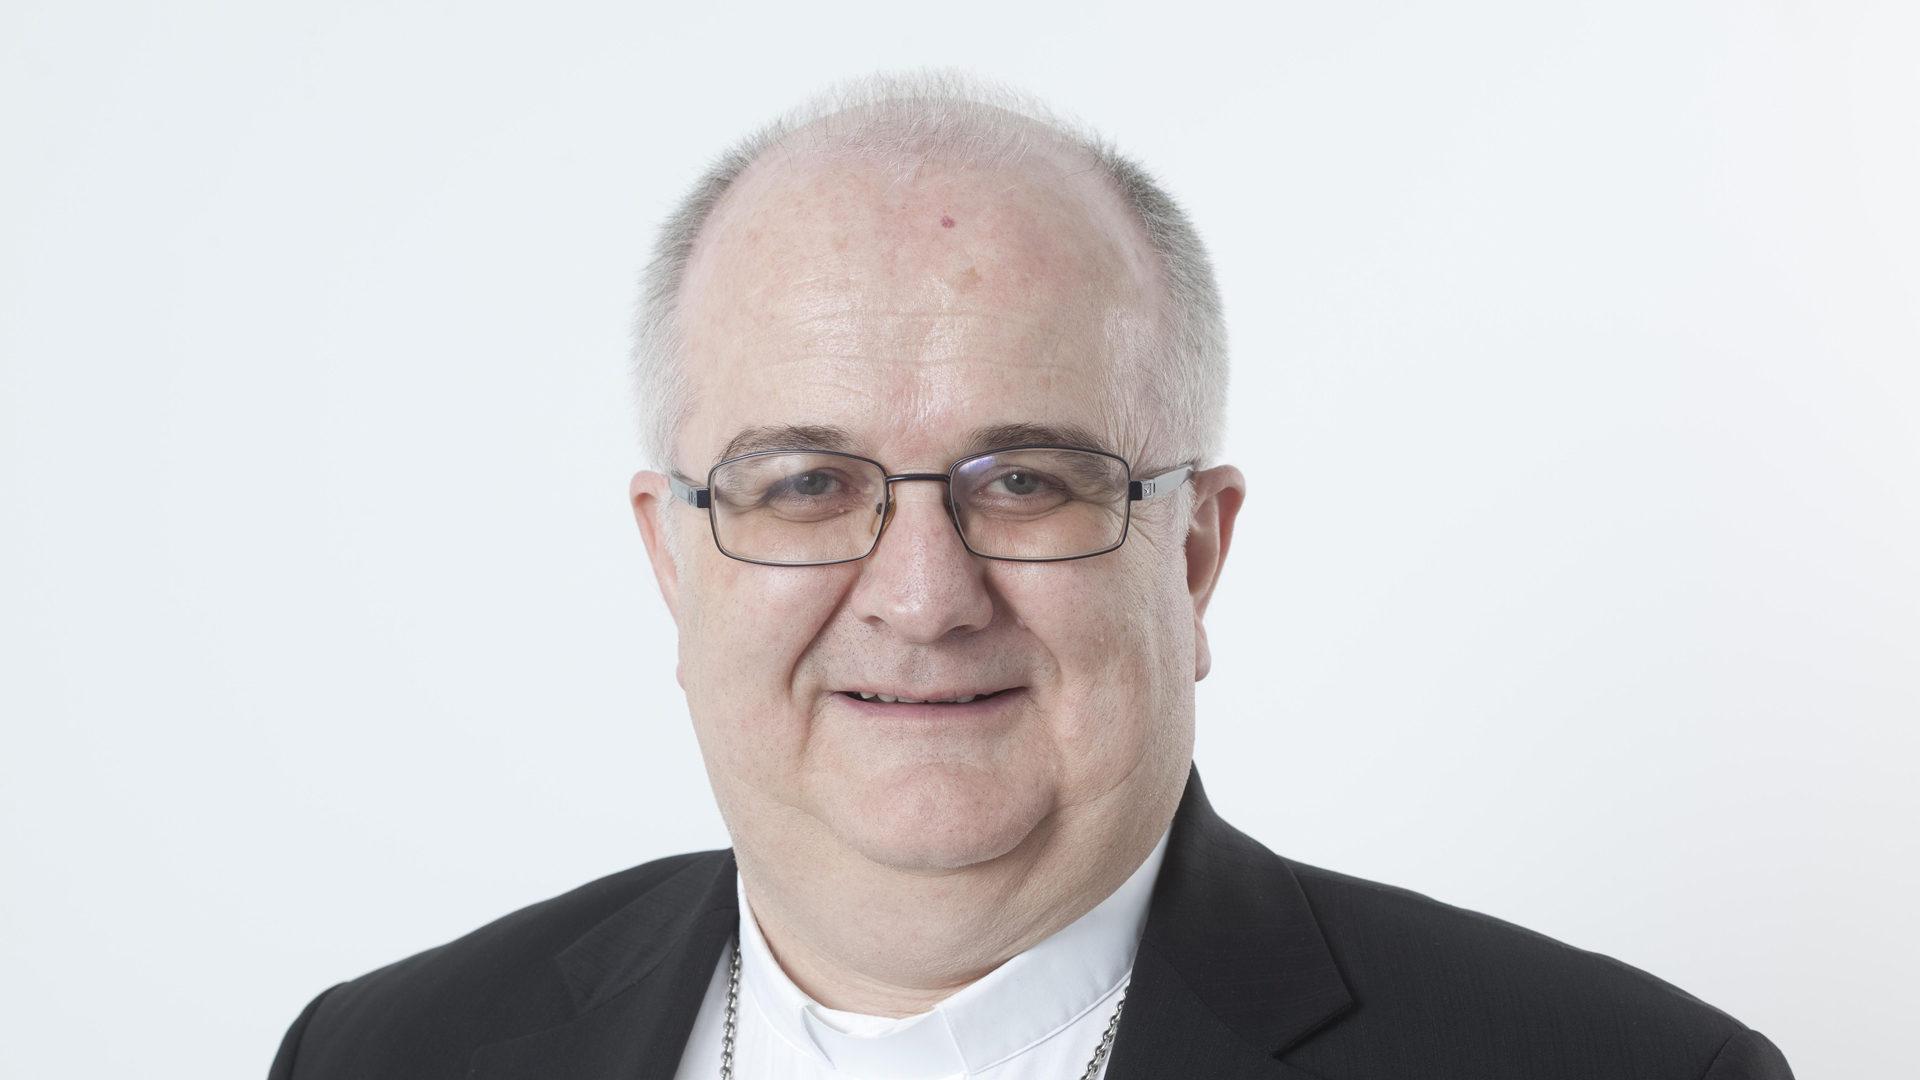 Weihbischof und Bischofsvikar Denis Theurillat | © 2016 CES